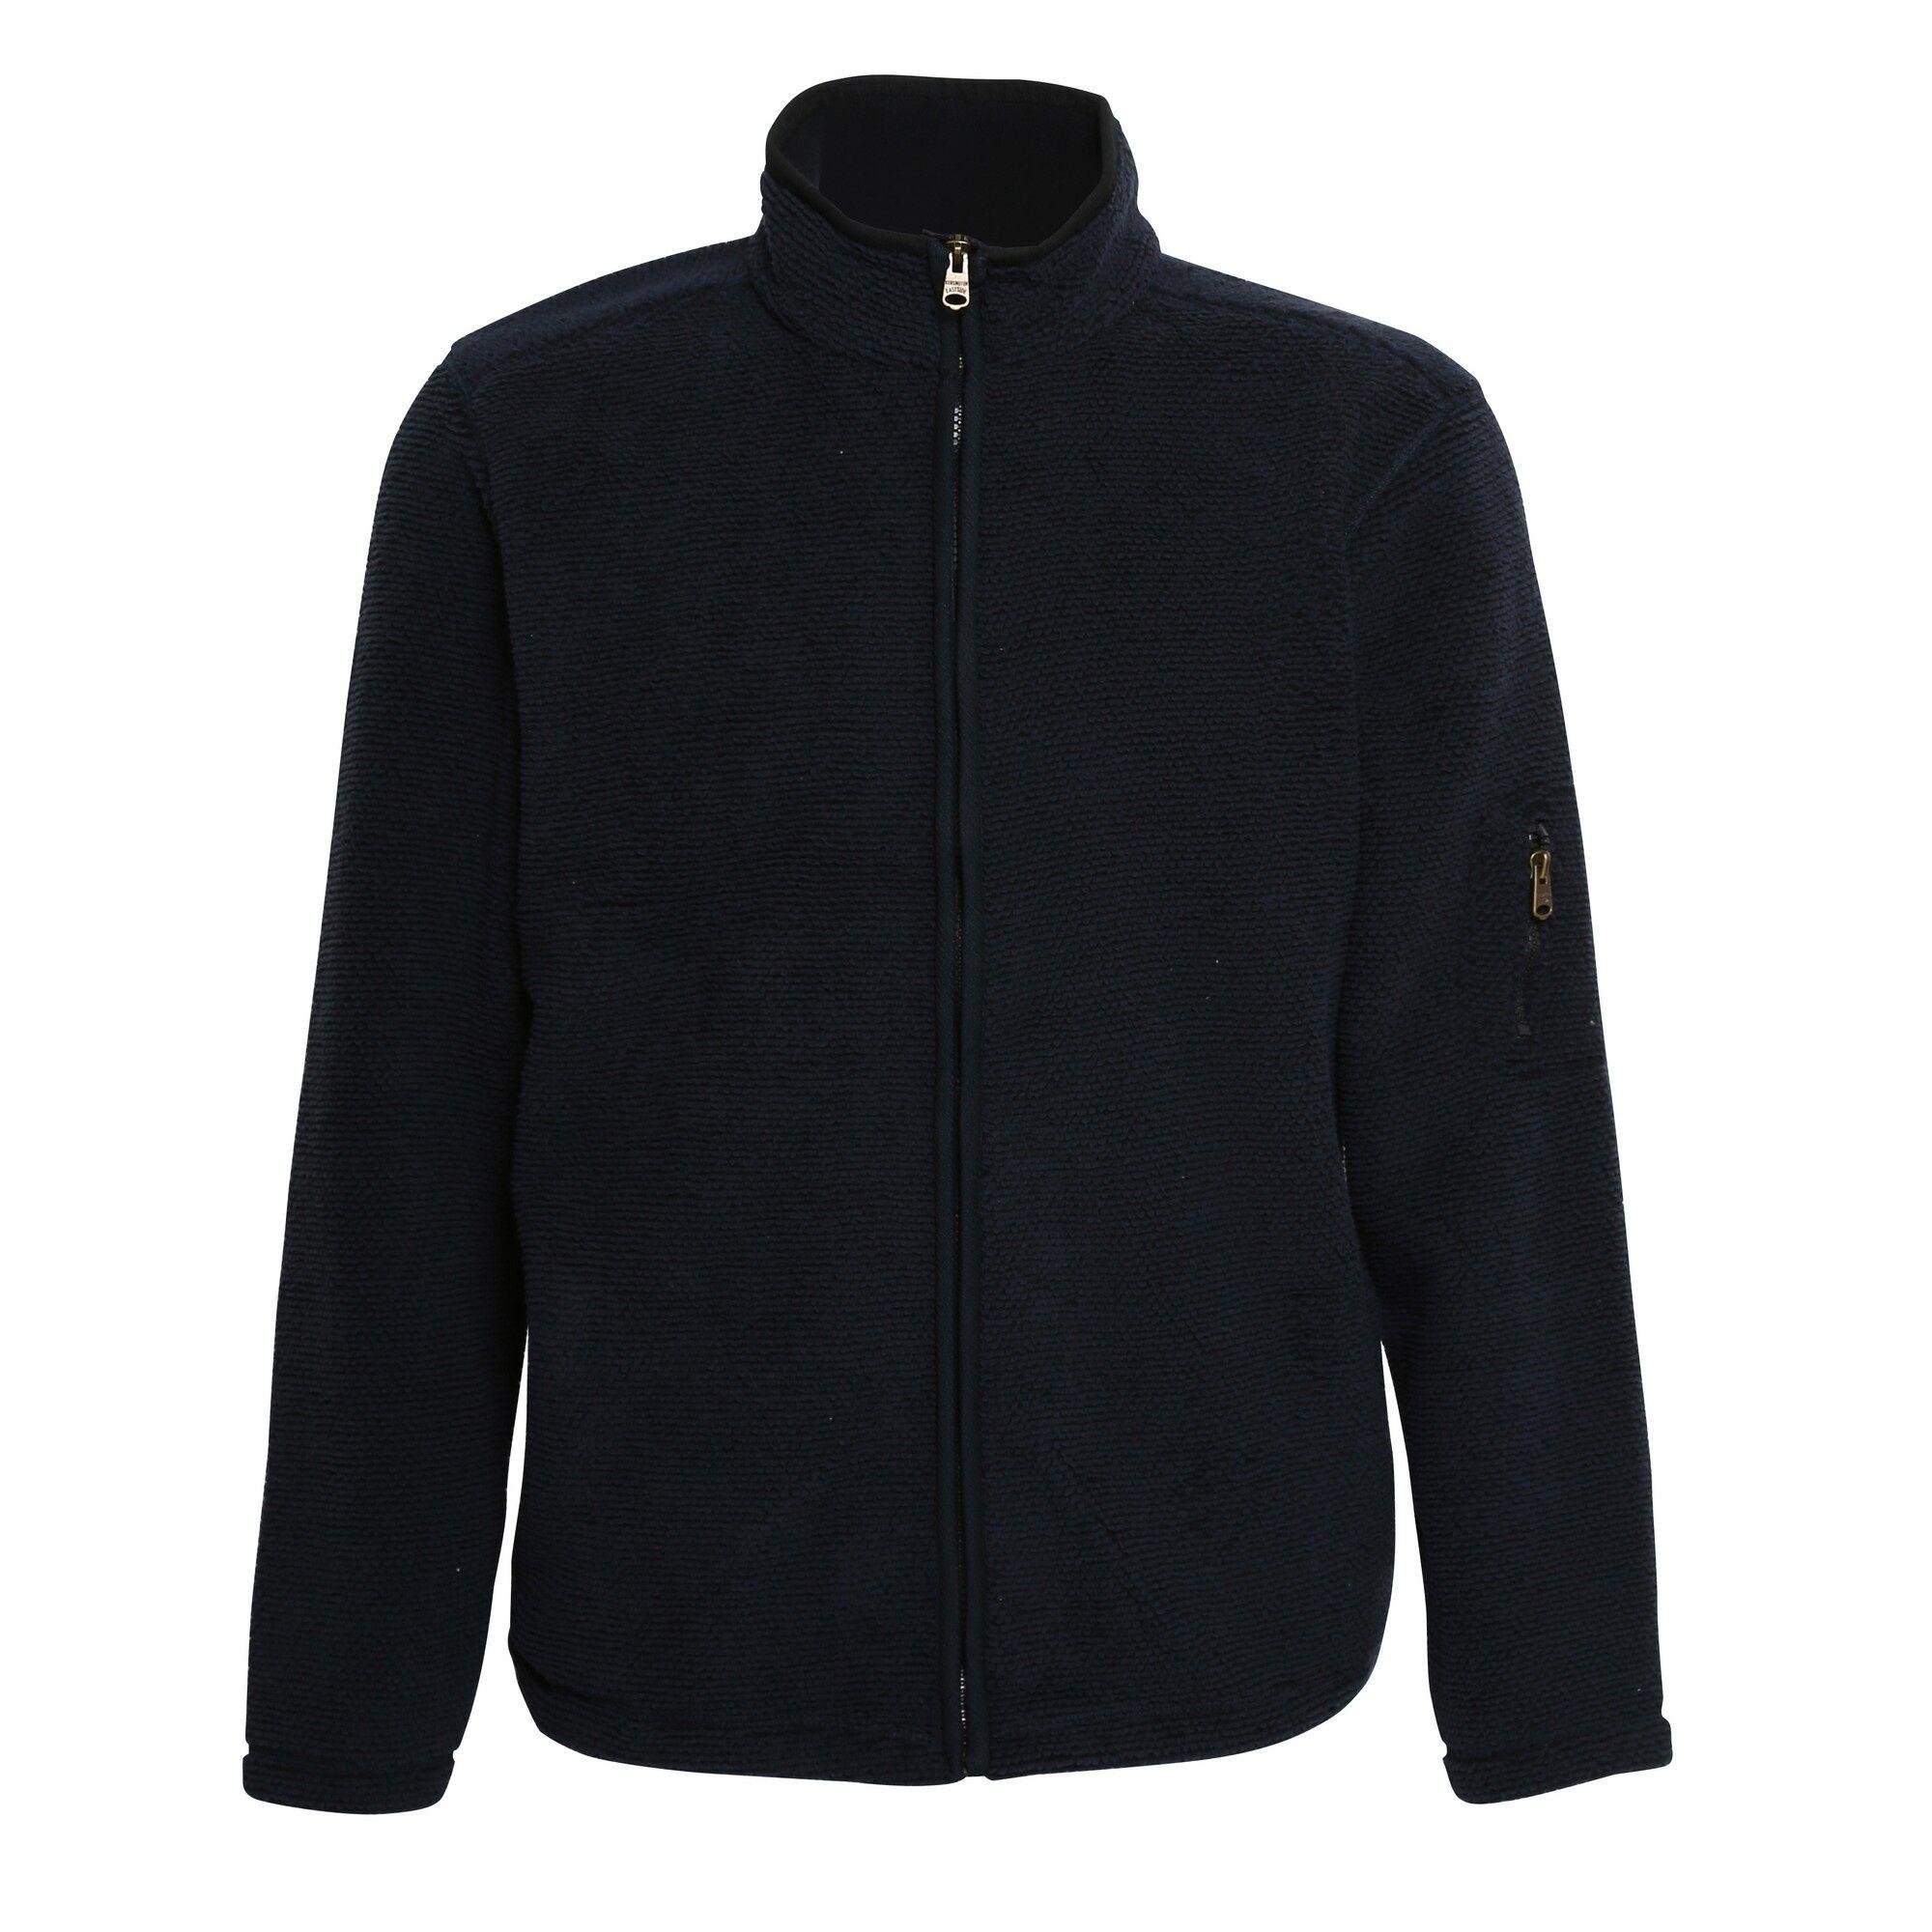 Affordable Fashion Hamish Veste Jacquard Zippée Homme (Bleu Marine foncé) UTRW5274